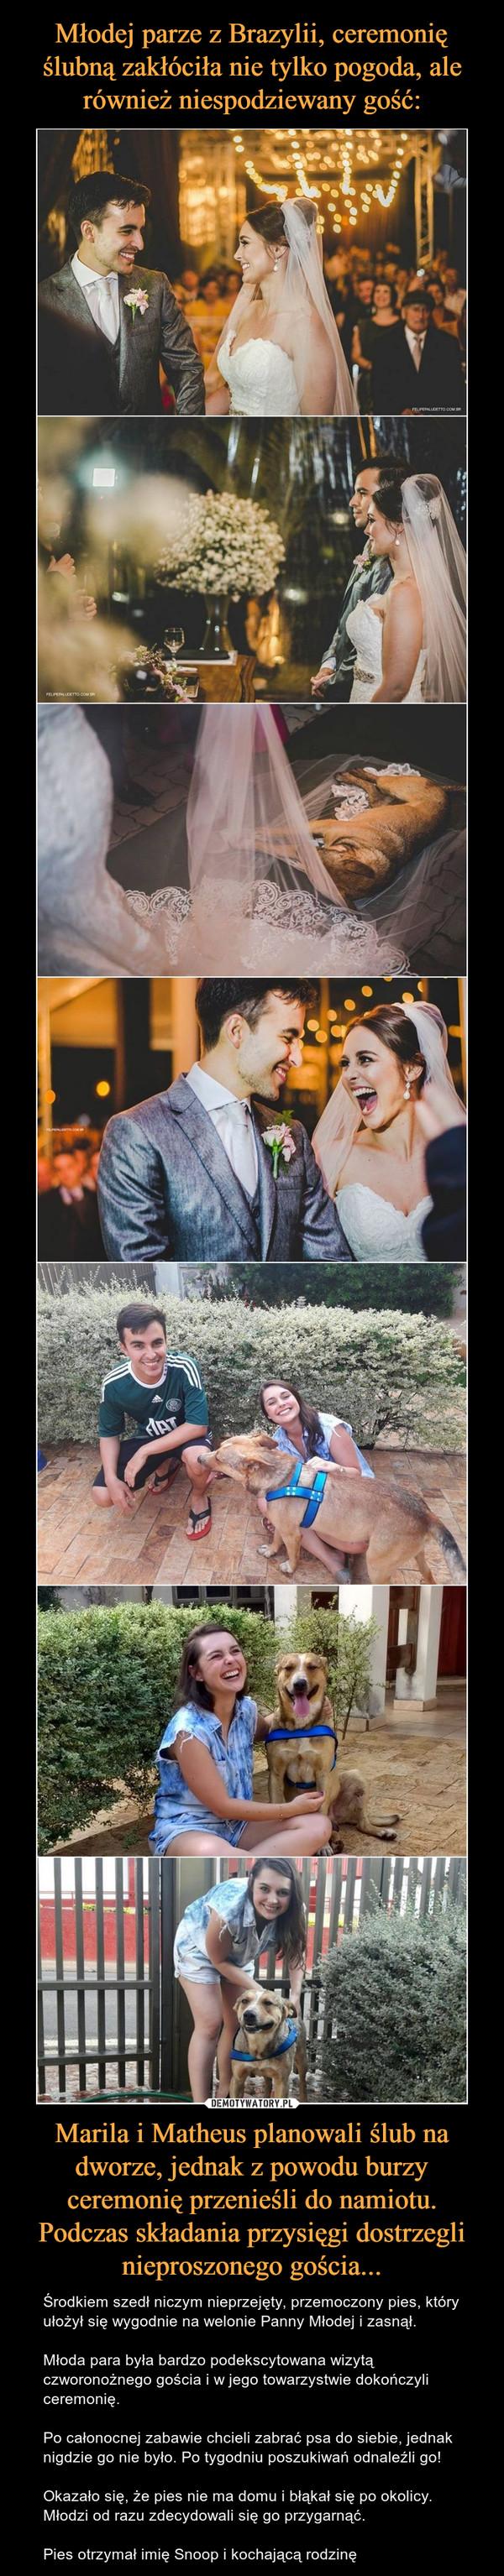 Marila i Matheus planowali ślub na dworze, jednak z powodu burzy ceremonię przenieśli do namiotu. Podczas składania przysięgi dostrzegli nieproszonego gościa... – Środkiem szedł niczym nieprzejęty, przemoczony pies, który ułożył się wygodnie na welonie Panny Młodej i zasnął.Młoda para była bardzo podekscytowana wizytą czworonożnego gościa i w jego towarzystwie dokończyli ceremonię.Po całonocnej zabawie chcieli zabrać psa do siebie, jednak nigdzie go nie było. Po tygodniu poszukiwań odnaleźli go! Okazało się, że pies nie ma domu i błąkał się po okolicy. Młodzi od razu zdecydowali się go przygarnąć.Pies otrzymał imię Snoop i kochającą rodzinę